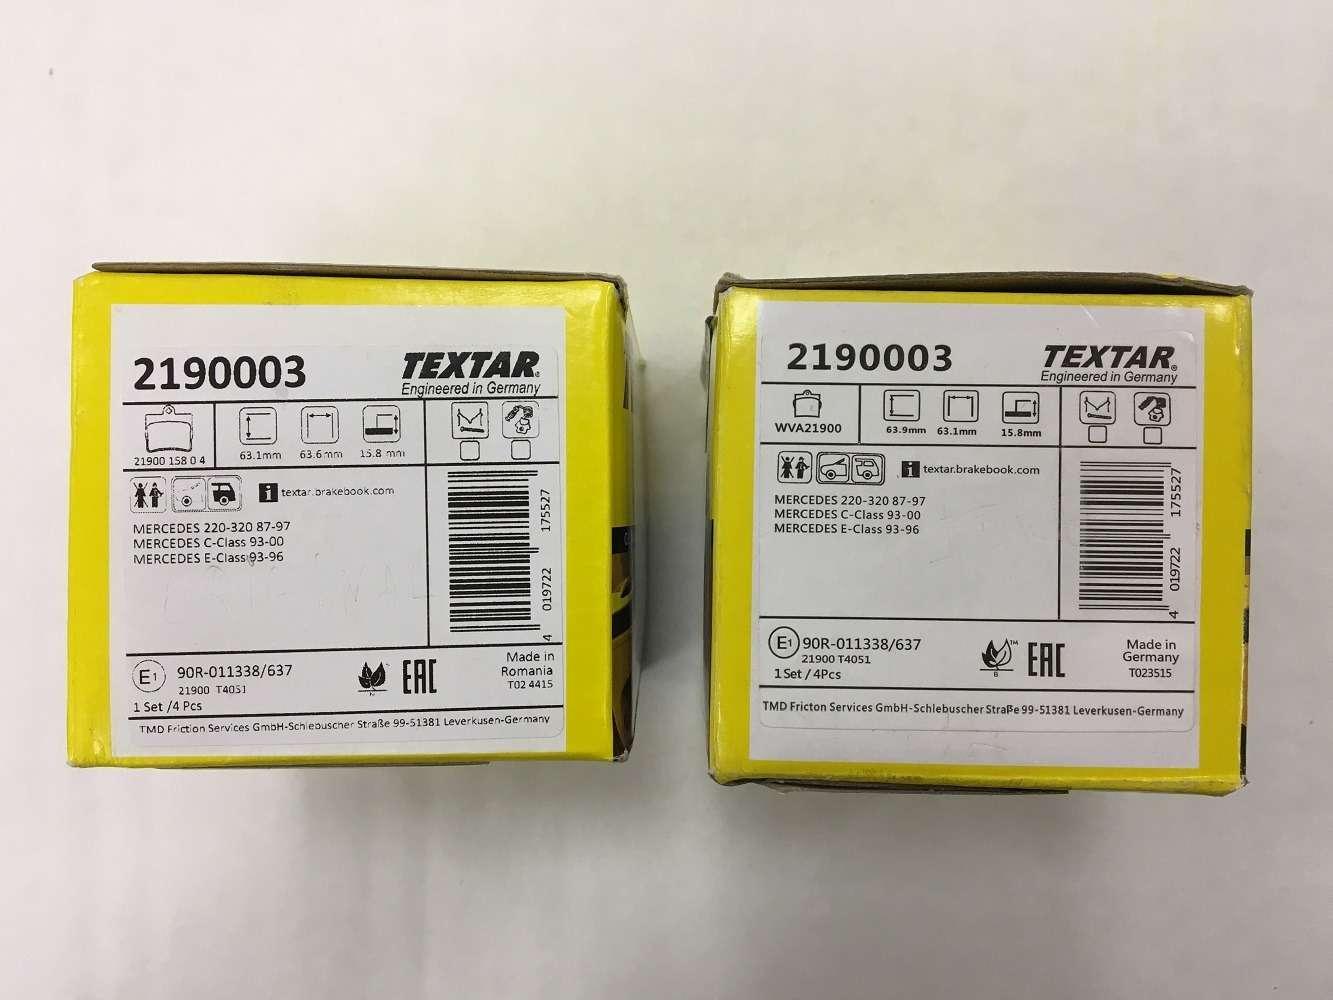 Колодки Textar: как отличить подделку?— фото 671944